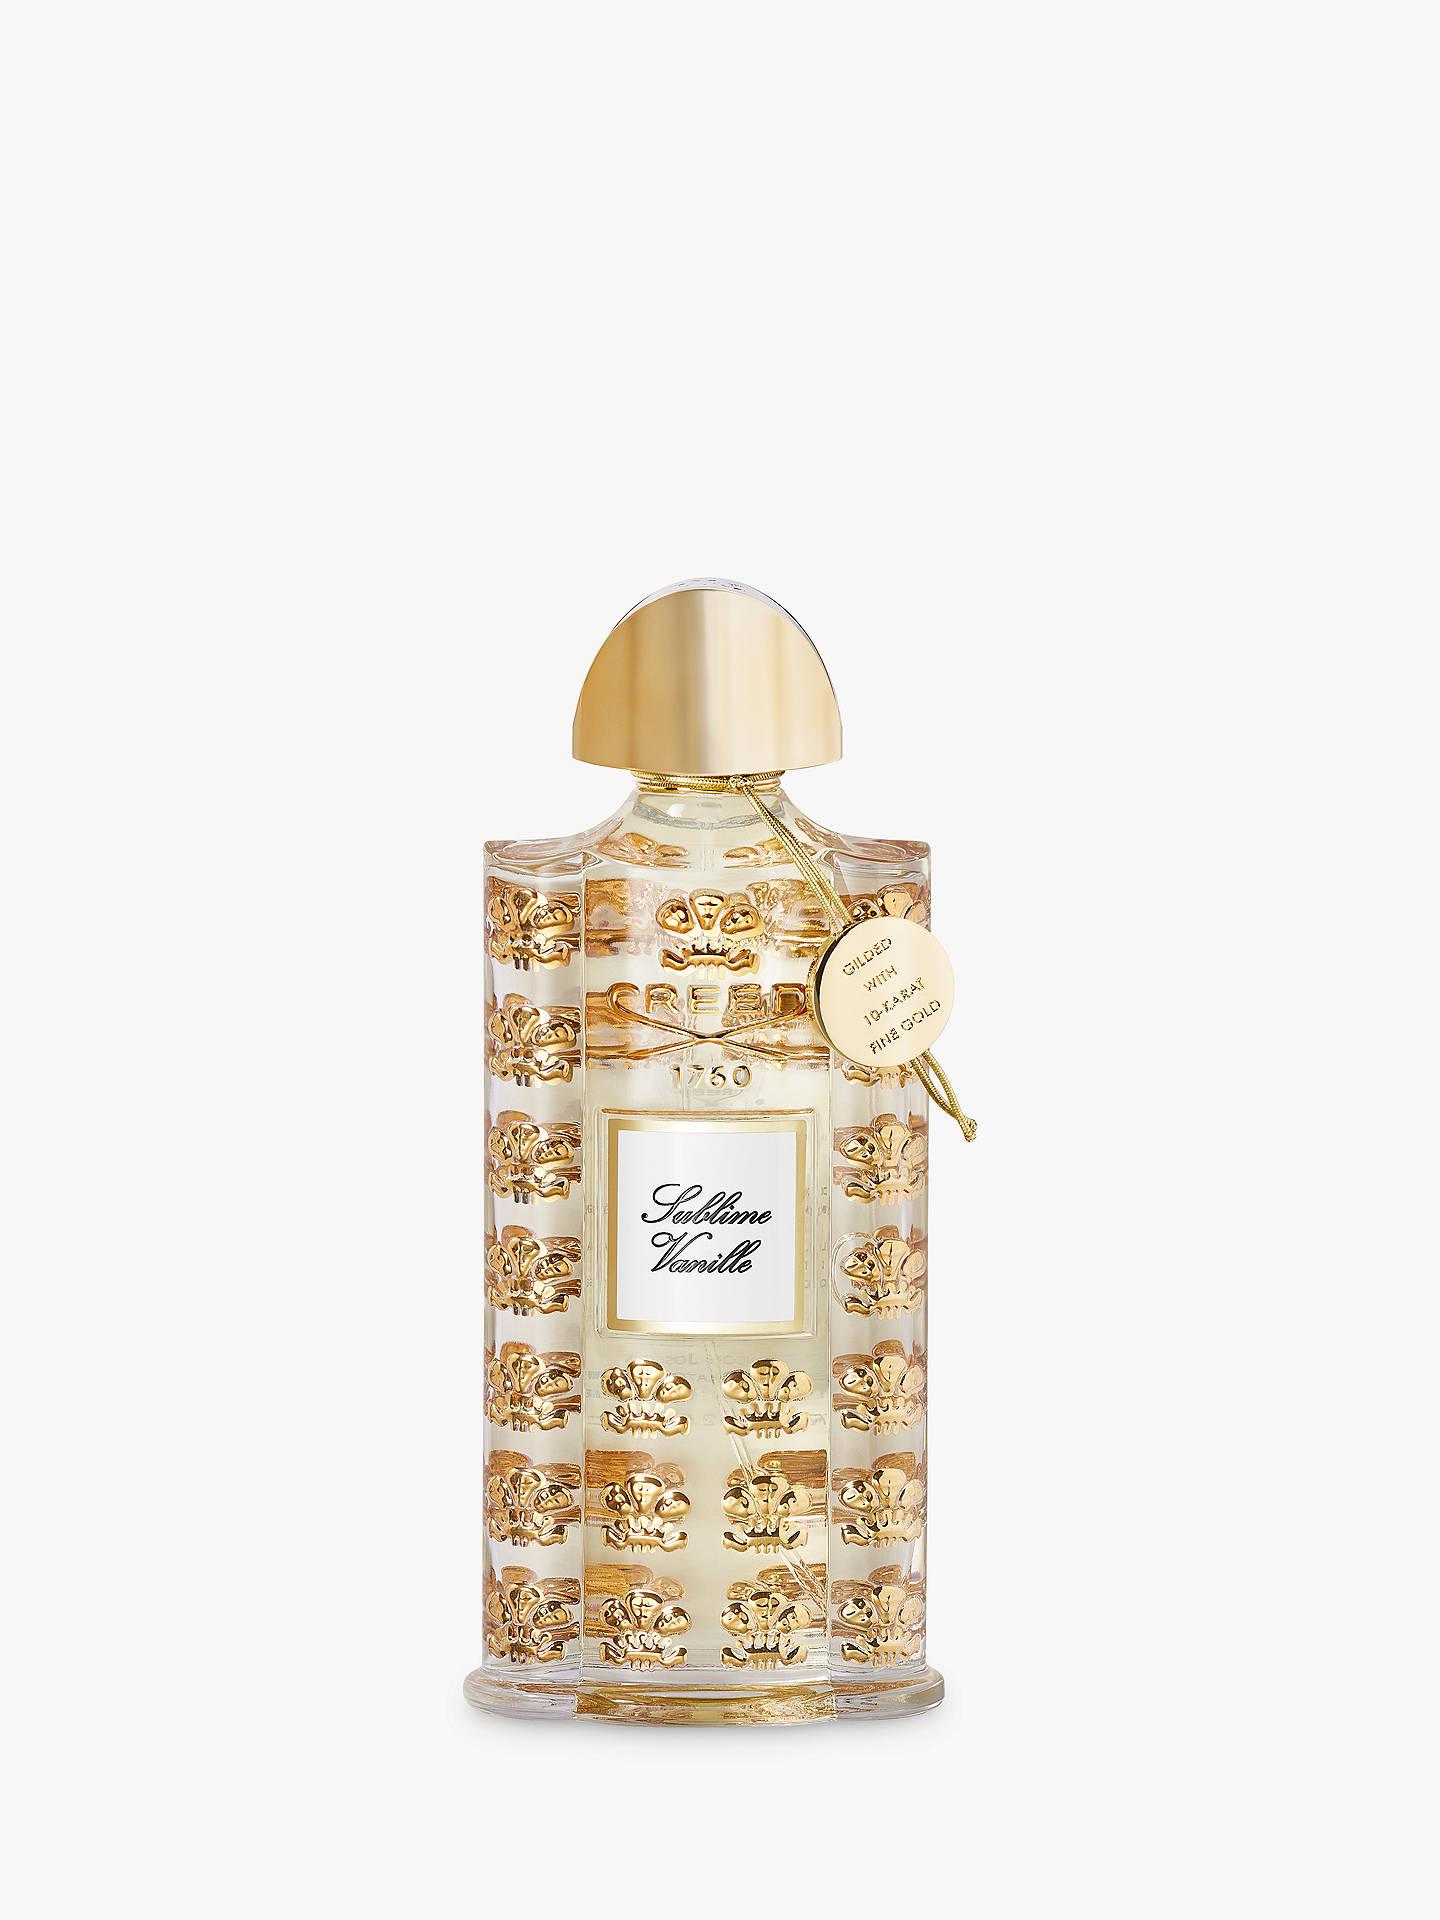 Creed Royal Exclusives Sublime Vanille Eau De Parfum 75ml At John